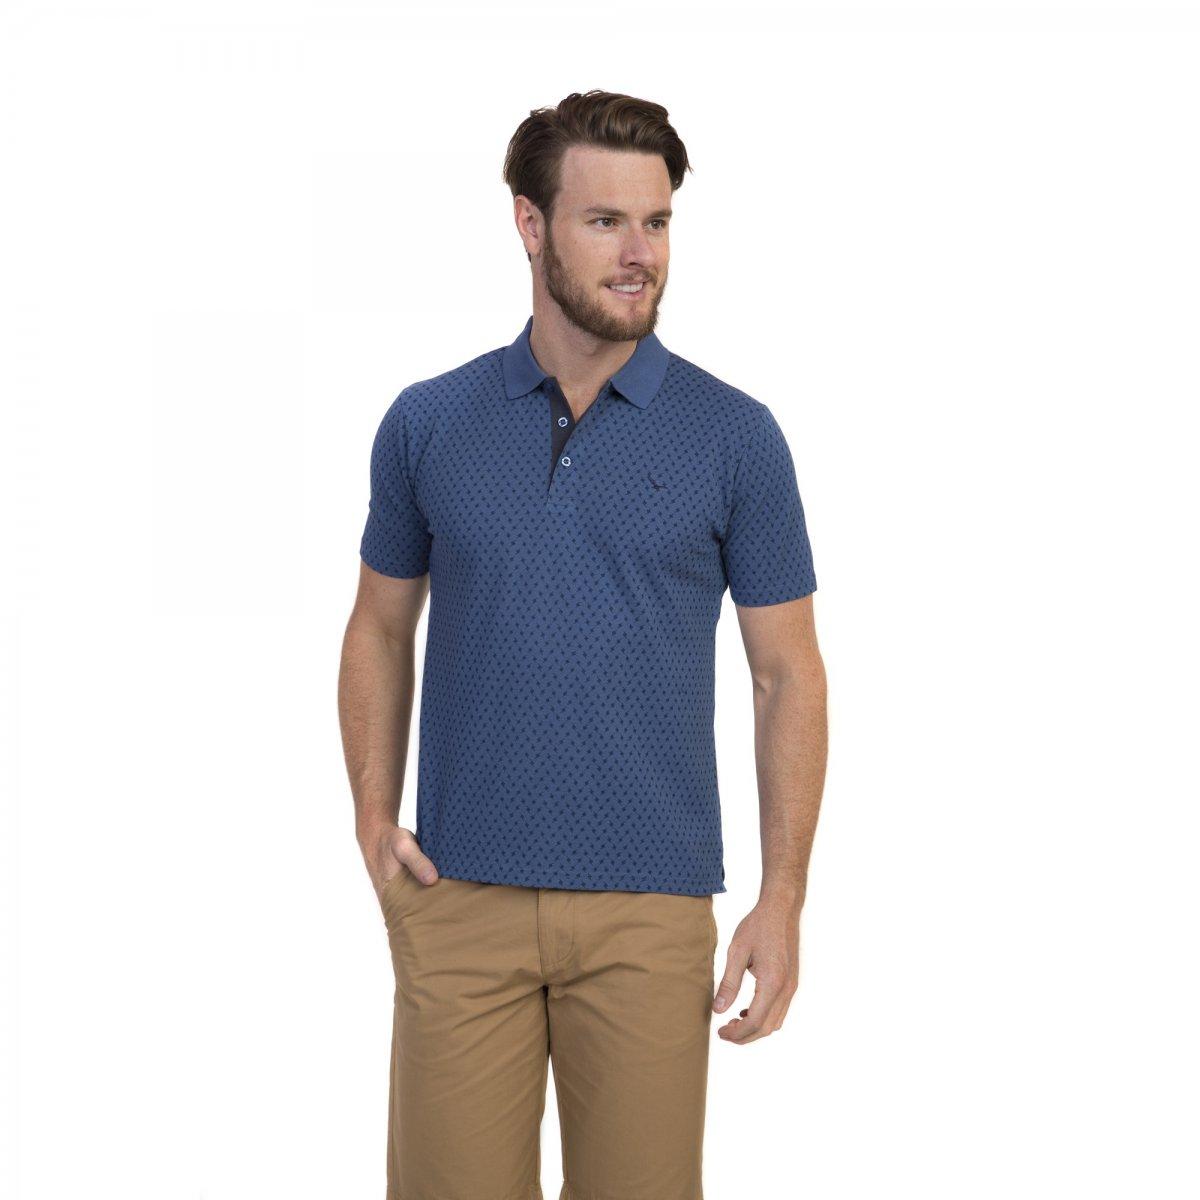 499be711e2 Camiseta Polo Masculina